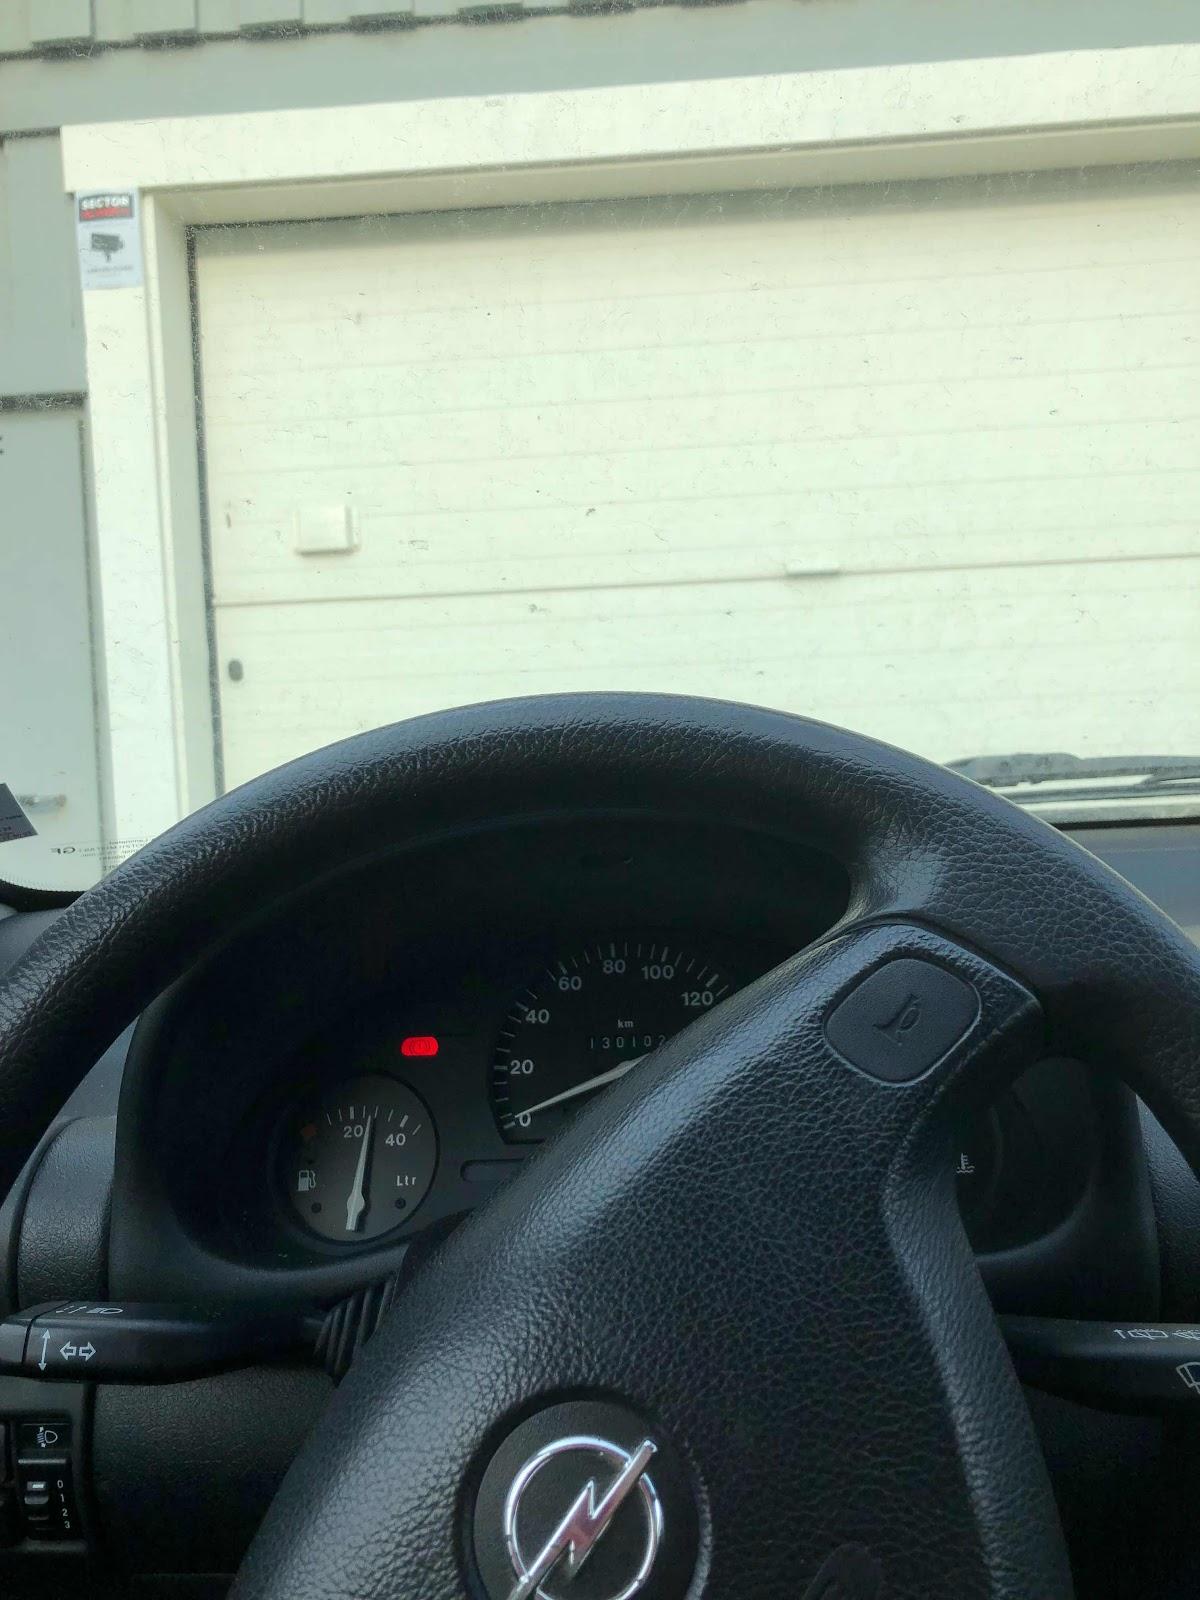 Frst speeddating sedan en plats i skolbnken - Plastforum SE